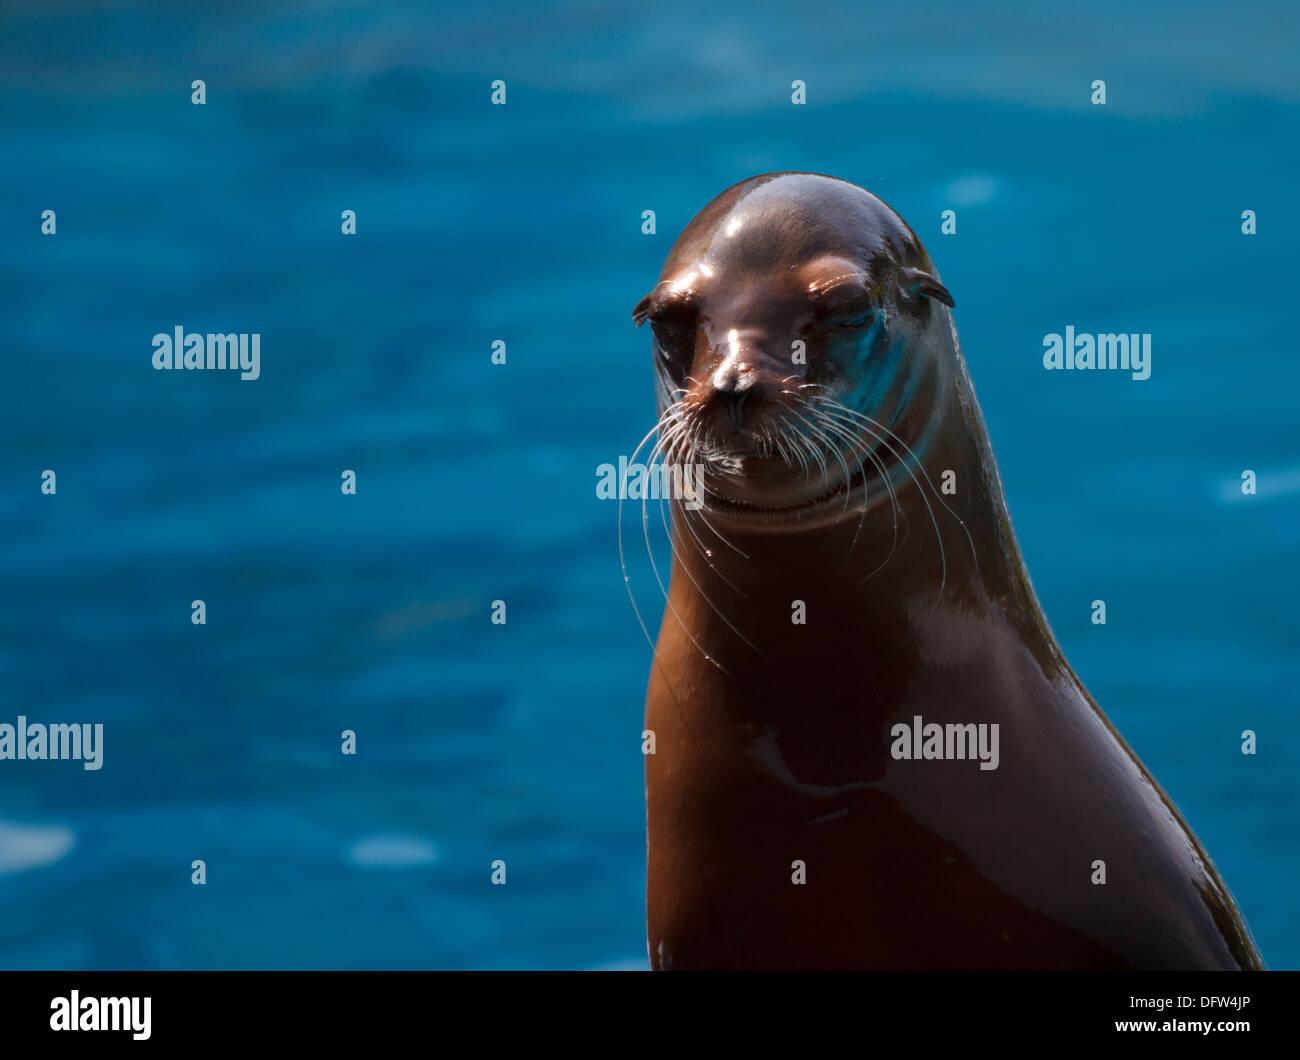 Seal Show Aquarium Stock Photos & Seal Show Aquarium Stock ...